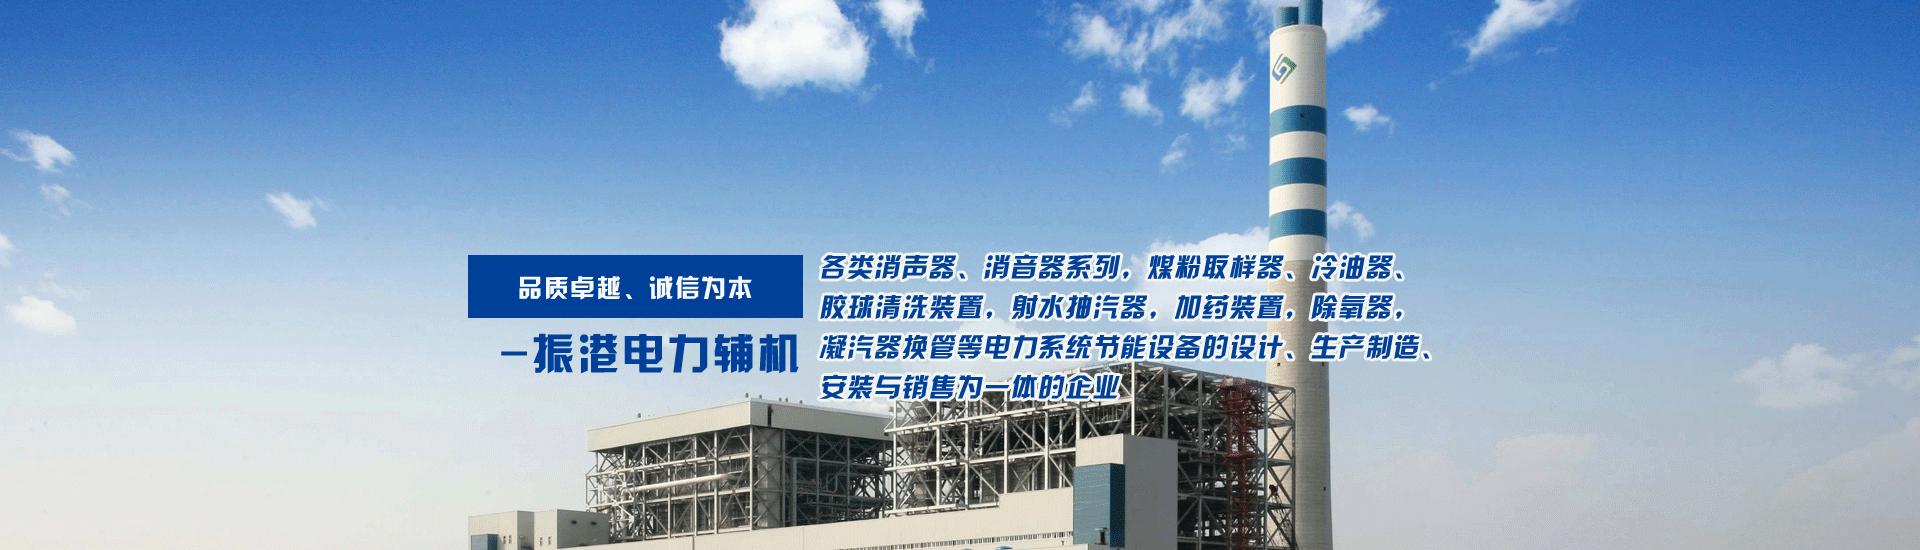 振港龙8娱乐登录厂家